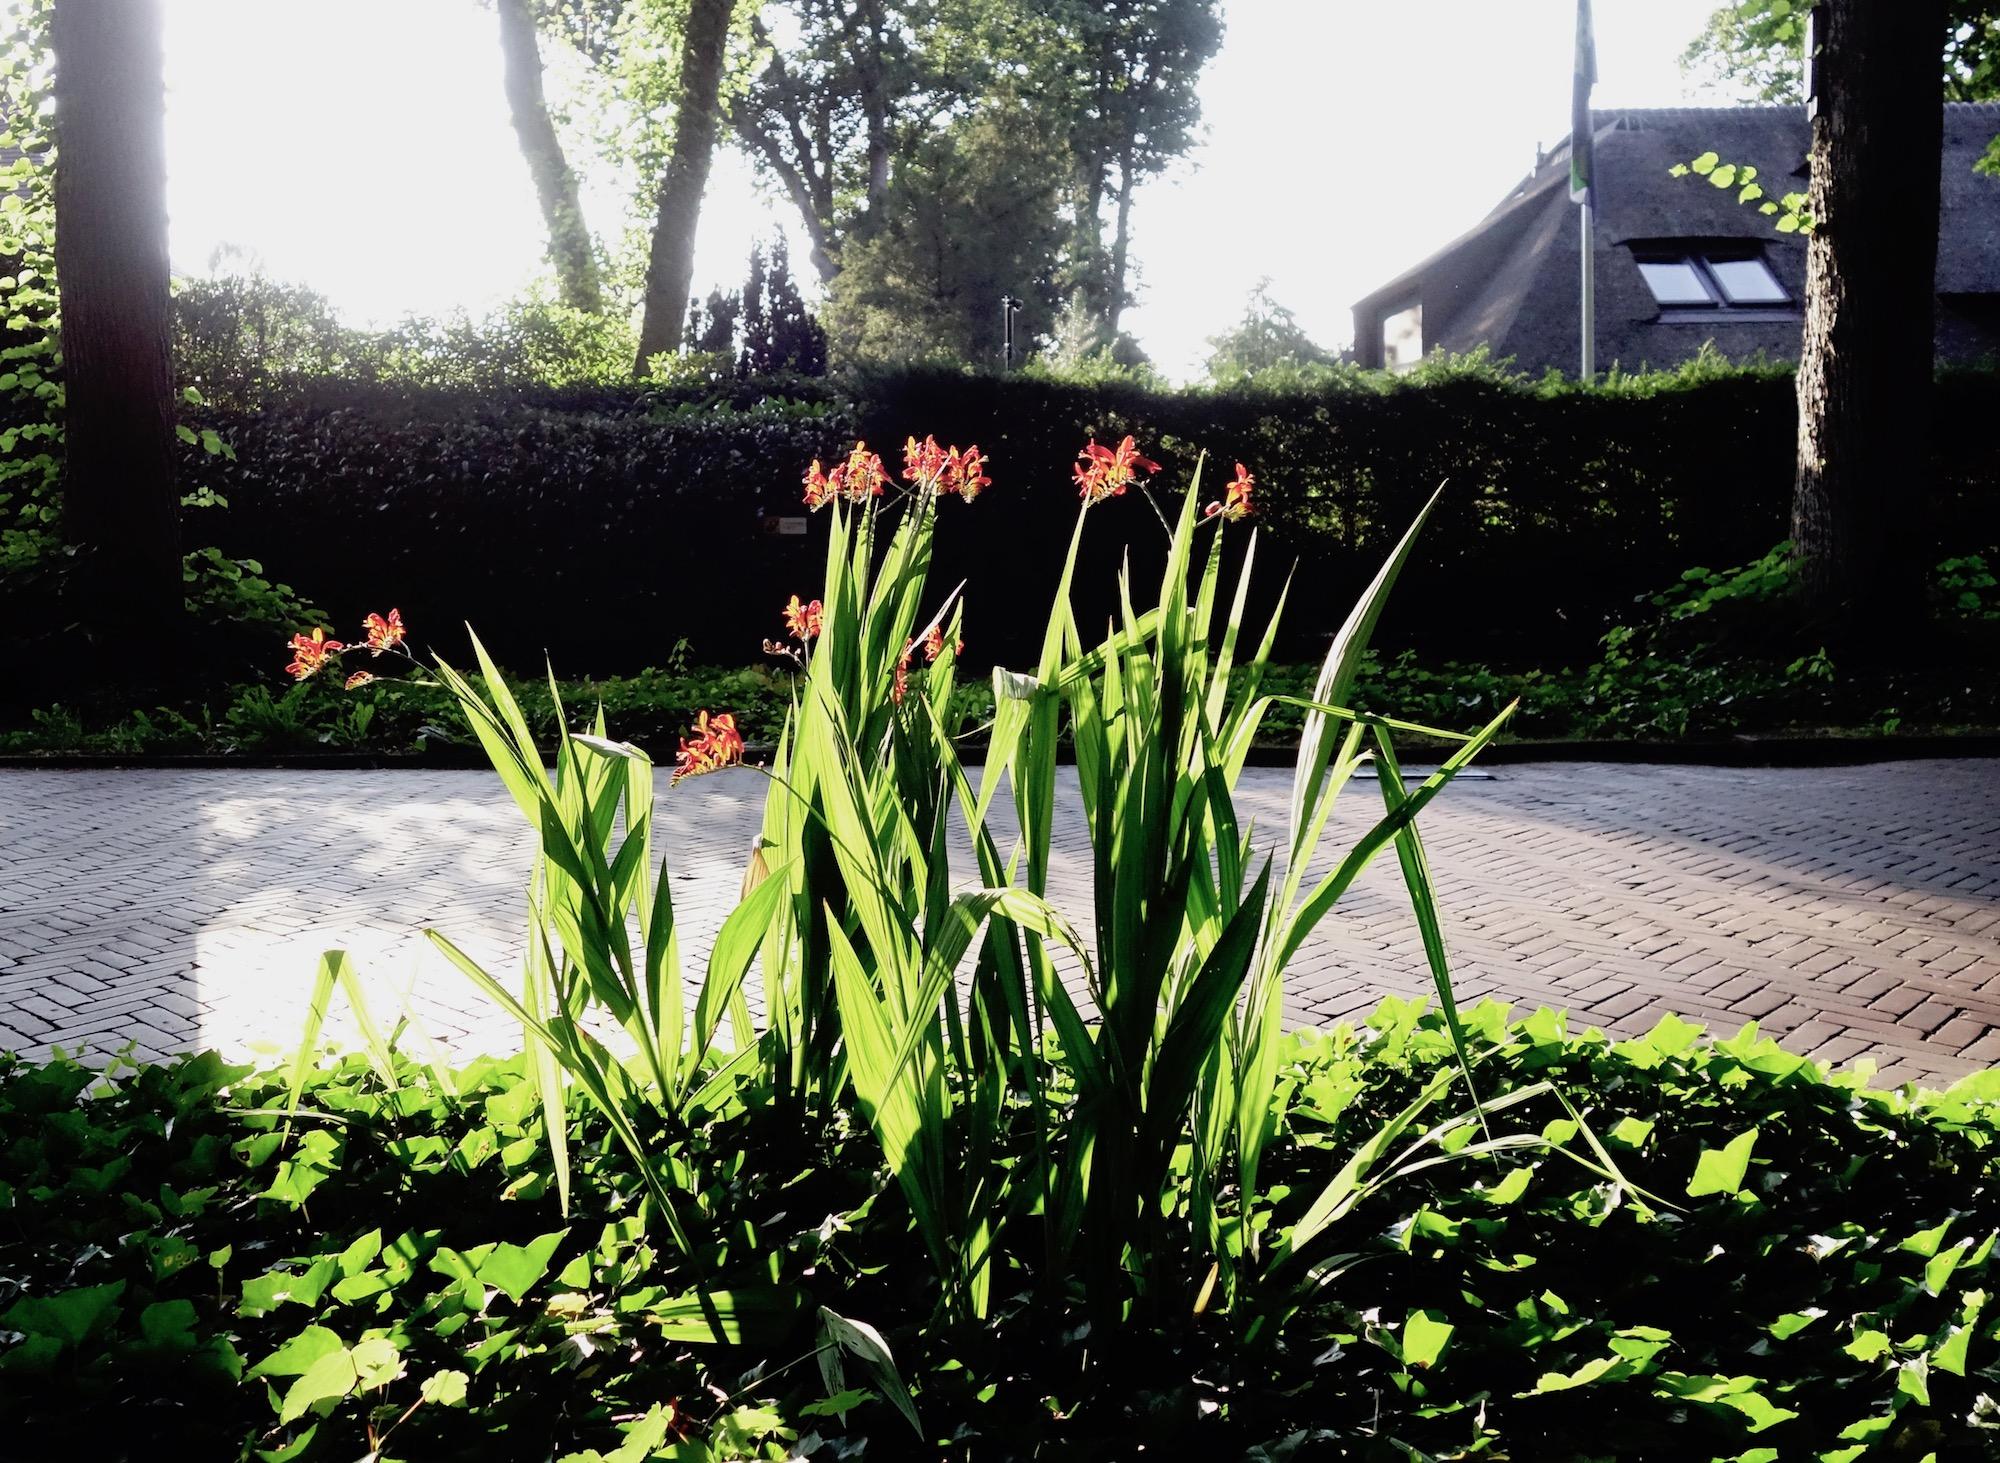 rodebloemen-torenln-2 - 1